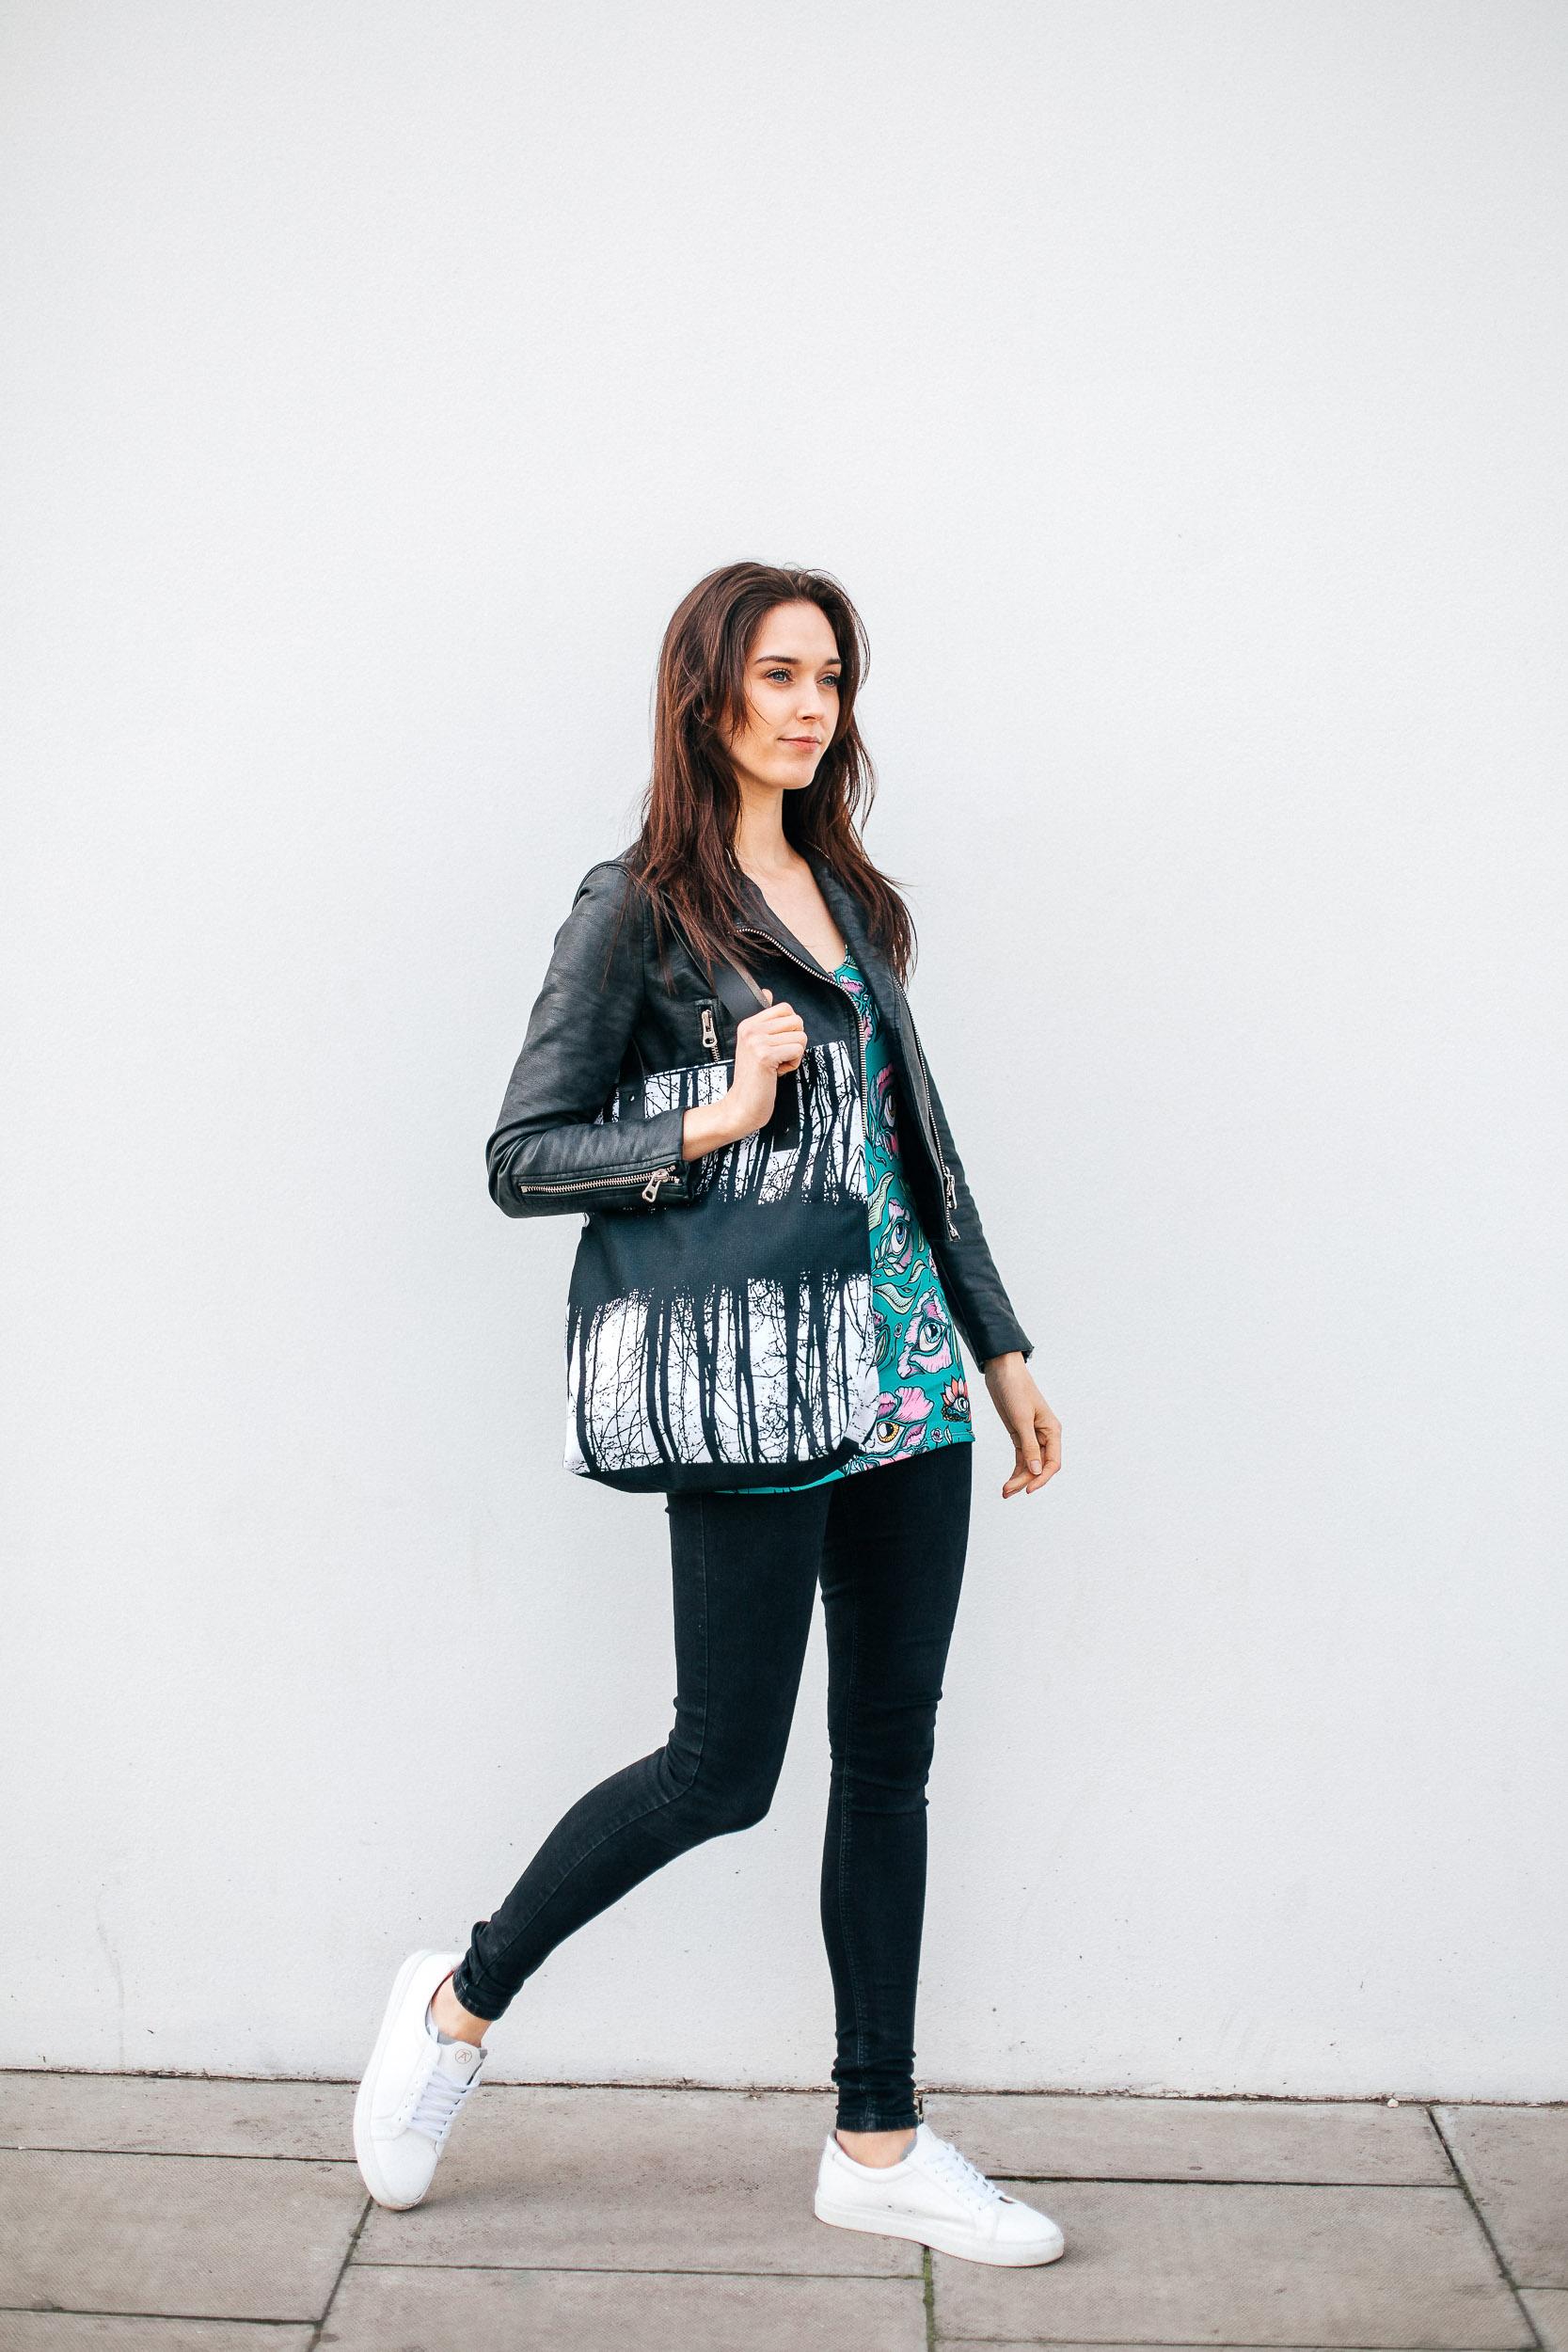 Model:  Alexa Taylor